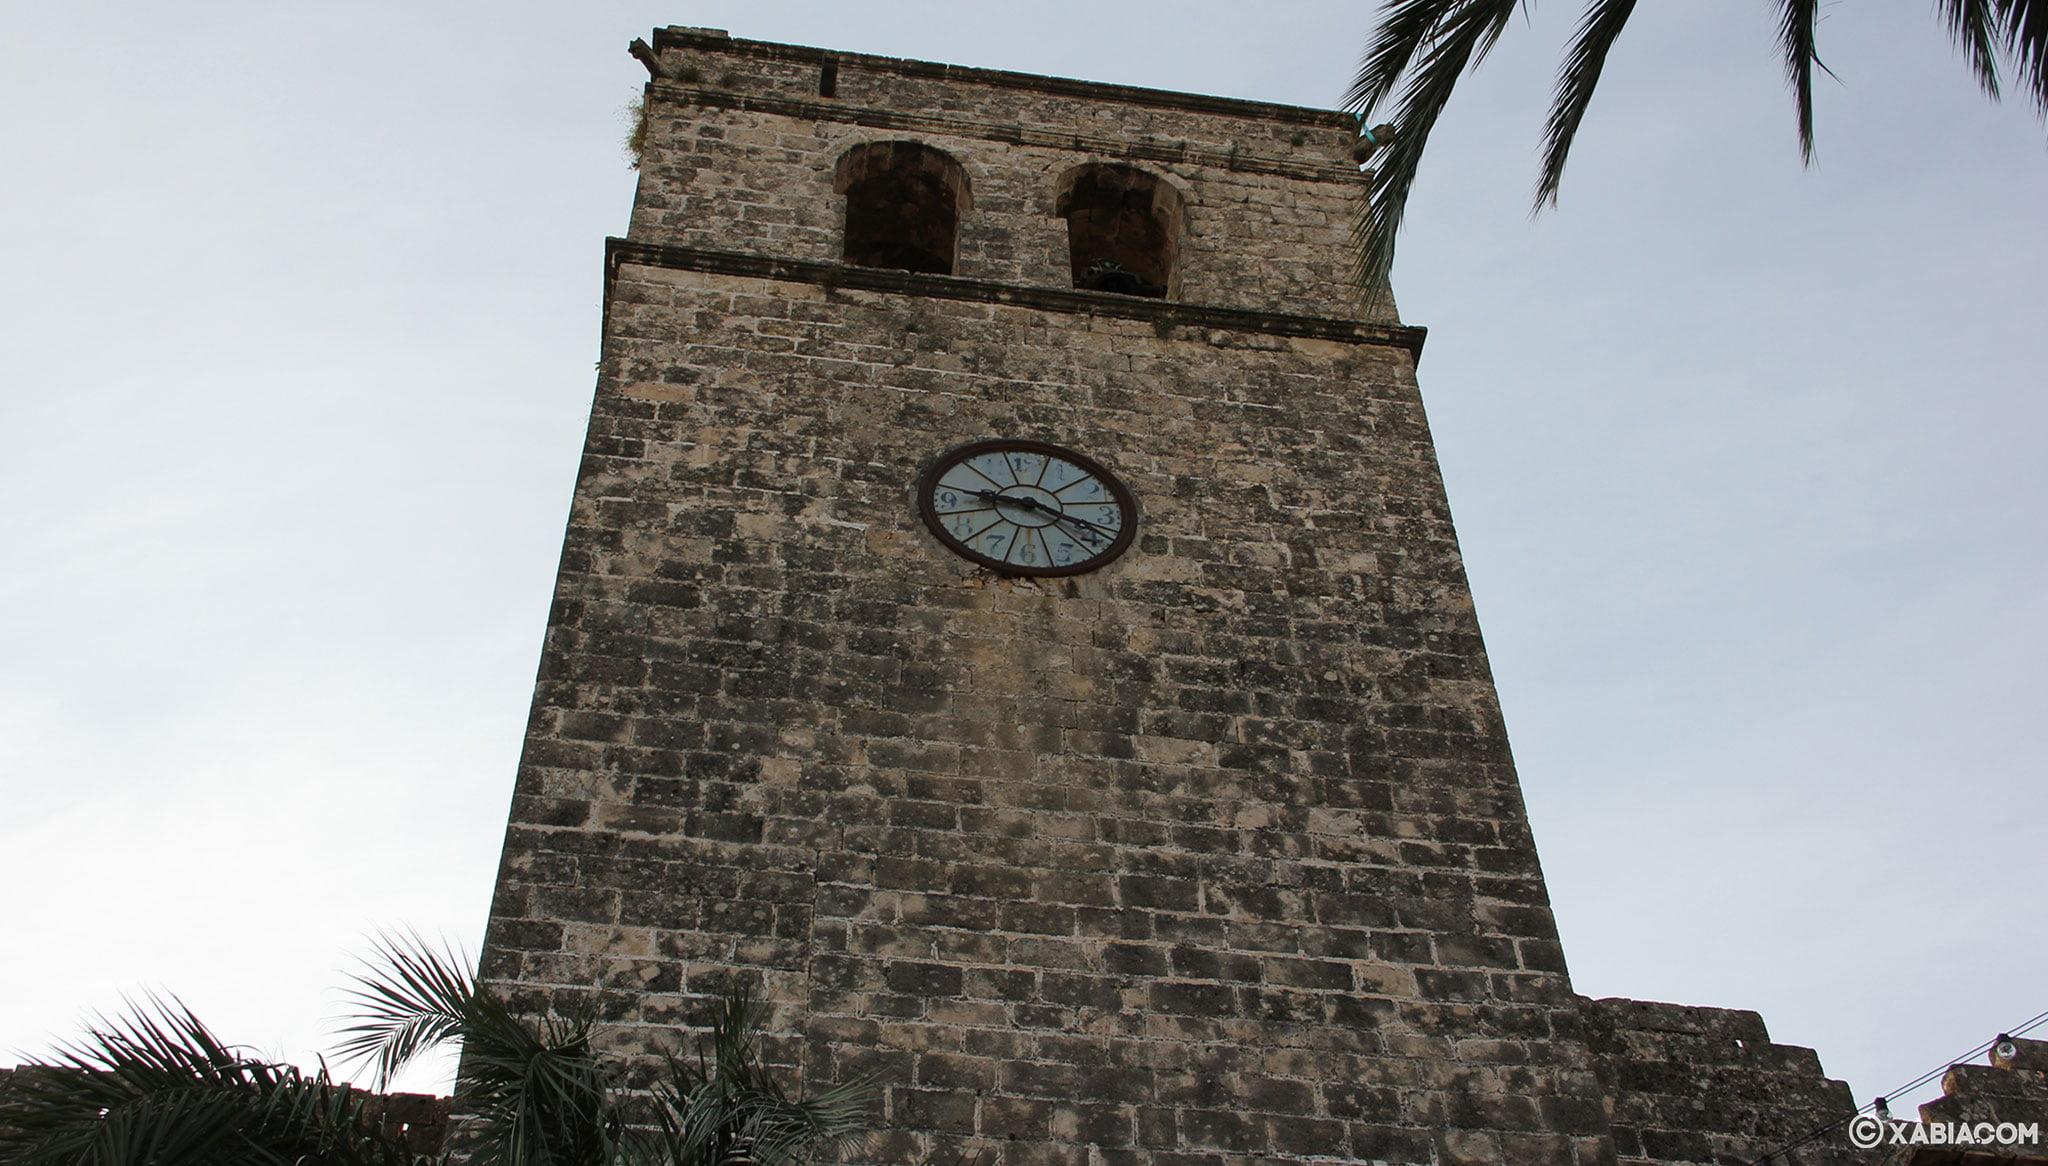 Vista desde abajo del campanario de la Iglesia Fortaleza de San Bartolomé